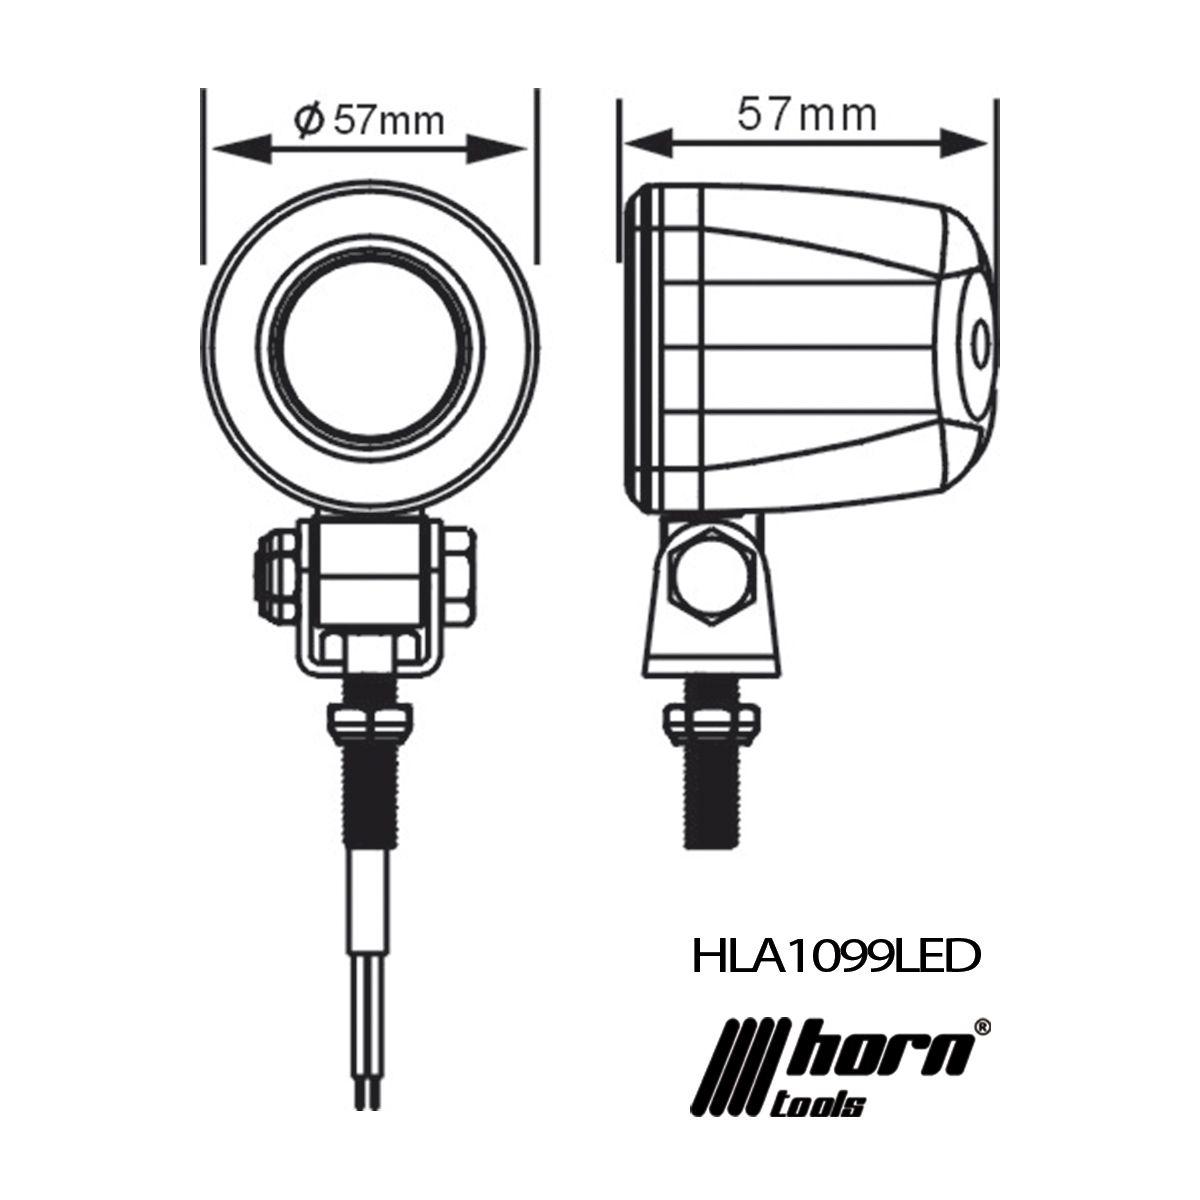 LED Scheinwerfer Offroad 10 W rund Arbeitsscheinwerfer - KS-TUNING